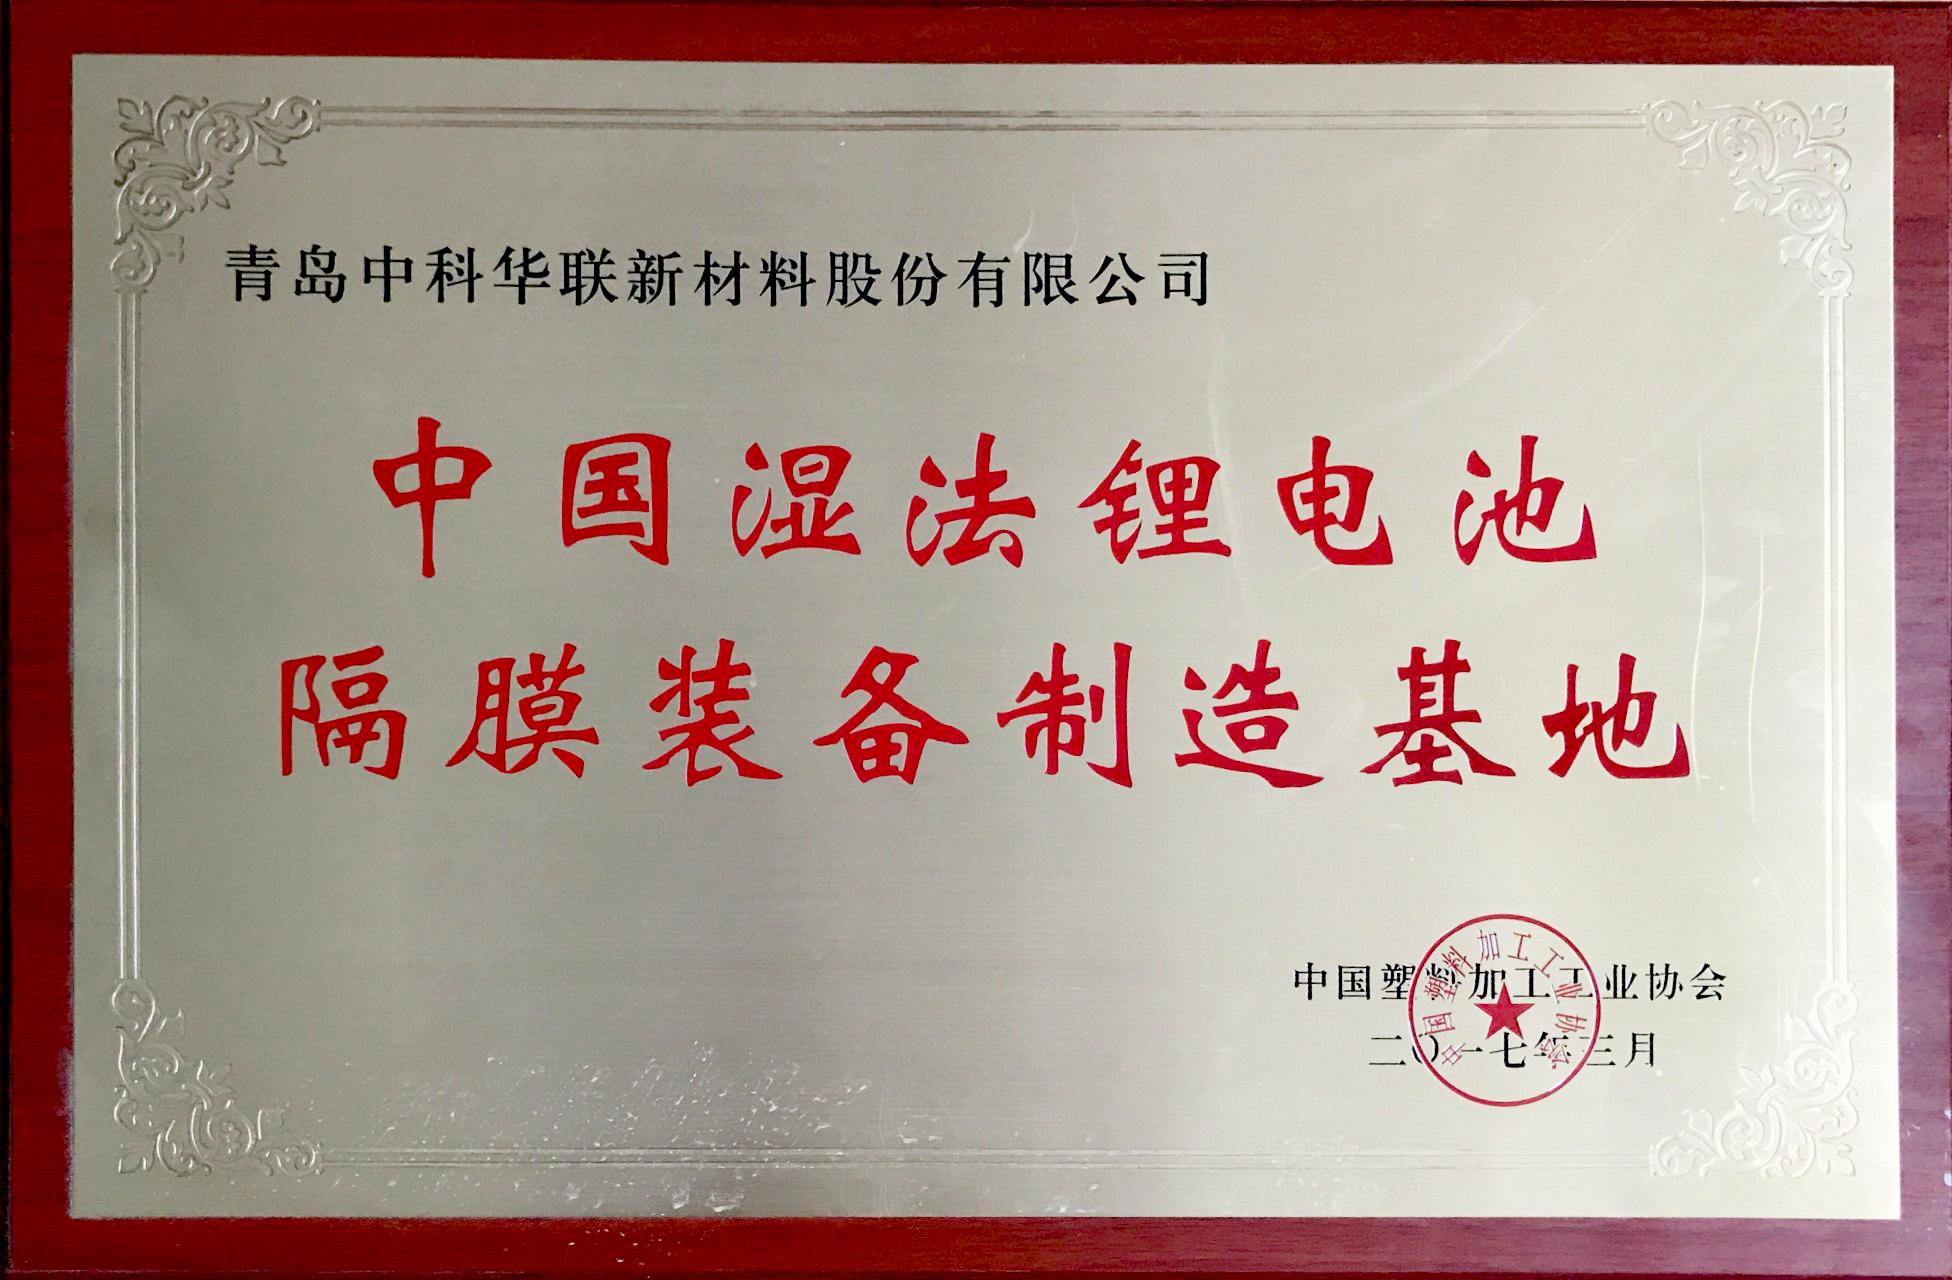 3.7中國濕法鋰離子電池制造隔膜基地